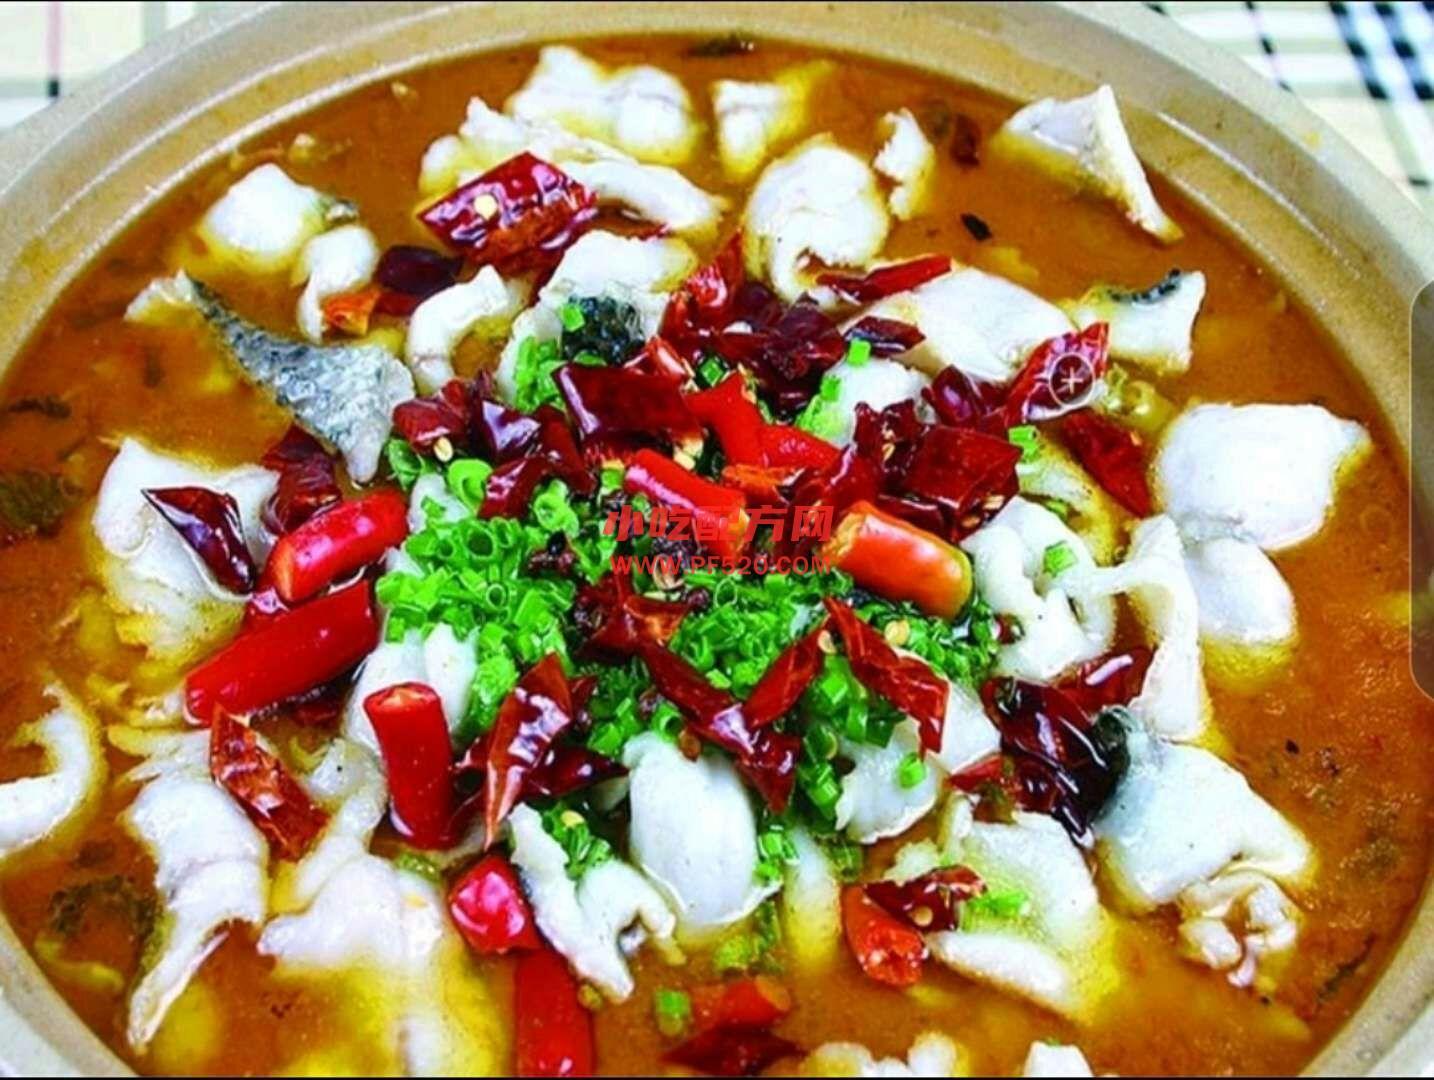 酸菜鱼的做法和制作教程,正宗商用配方教程